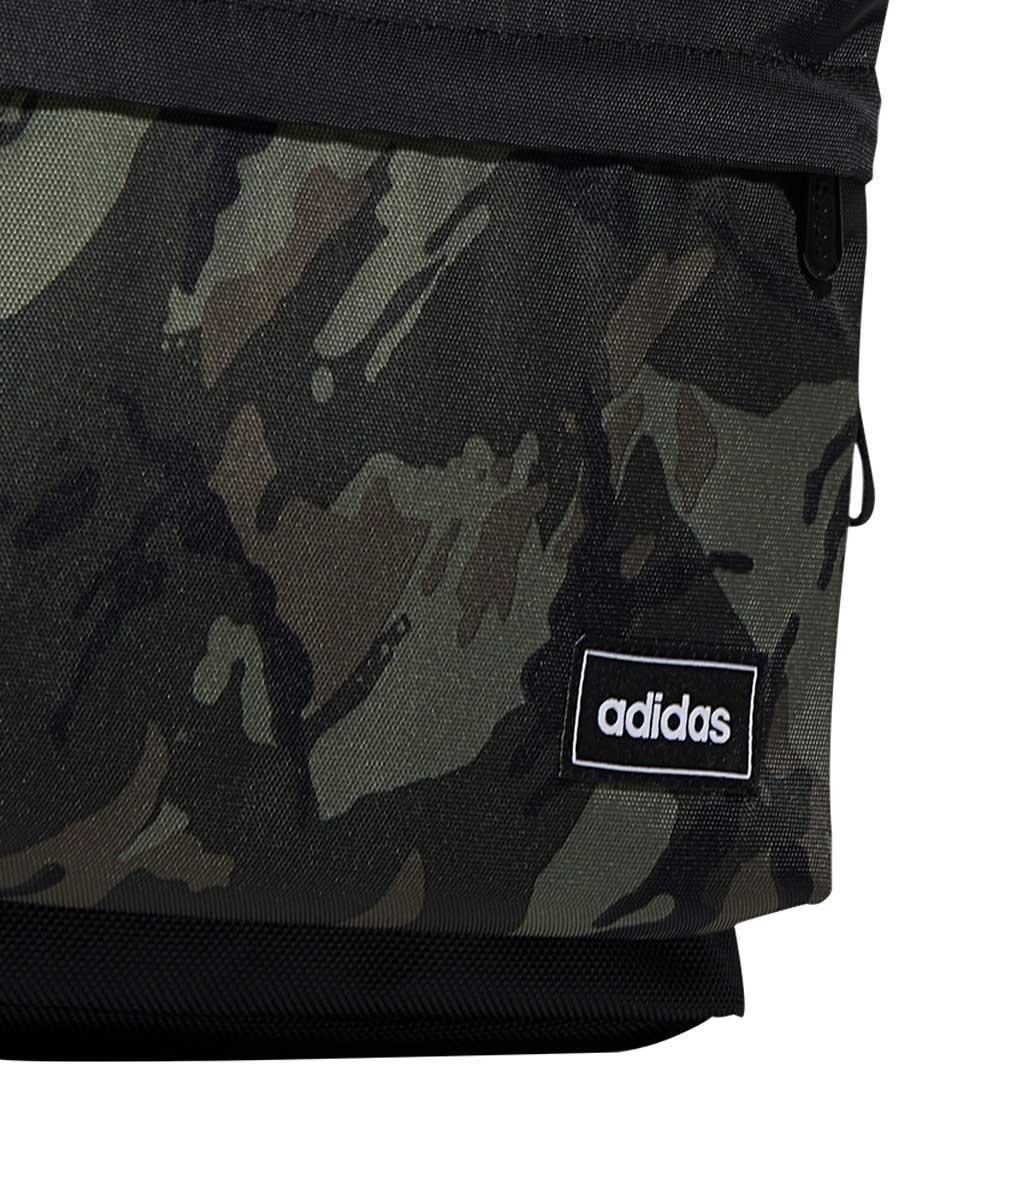 Adidas Classic Camo Sırt Çantası Kamuflaj